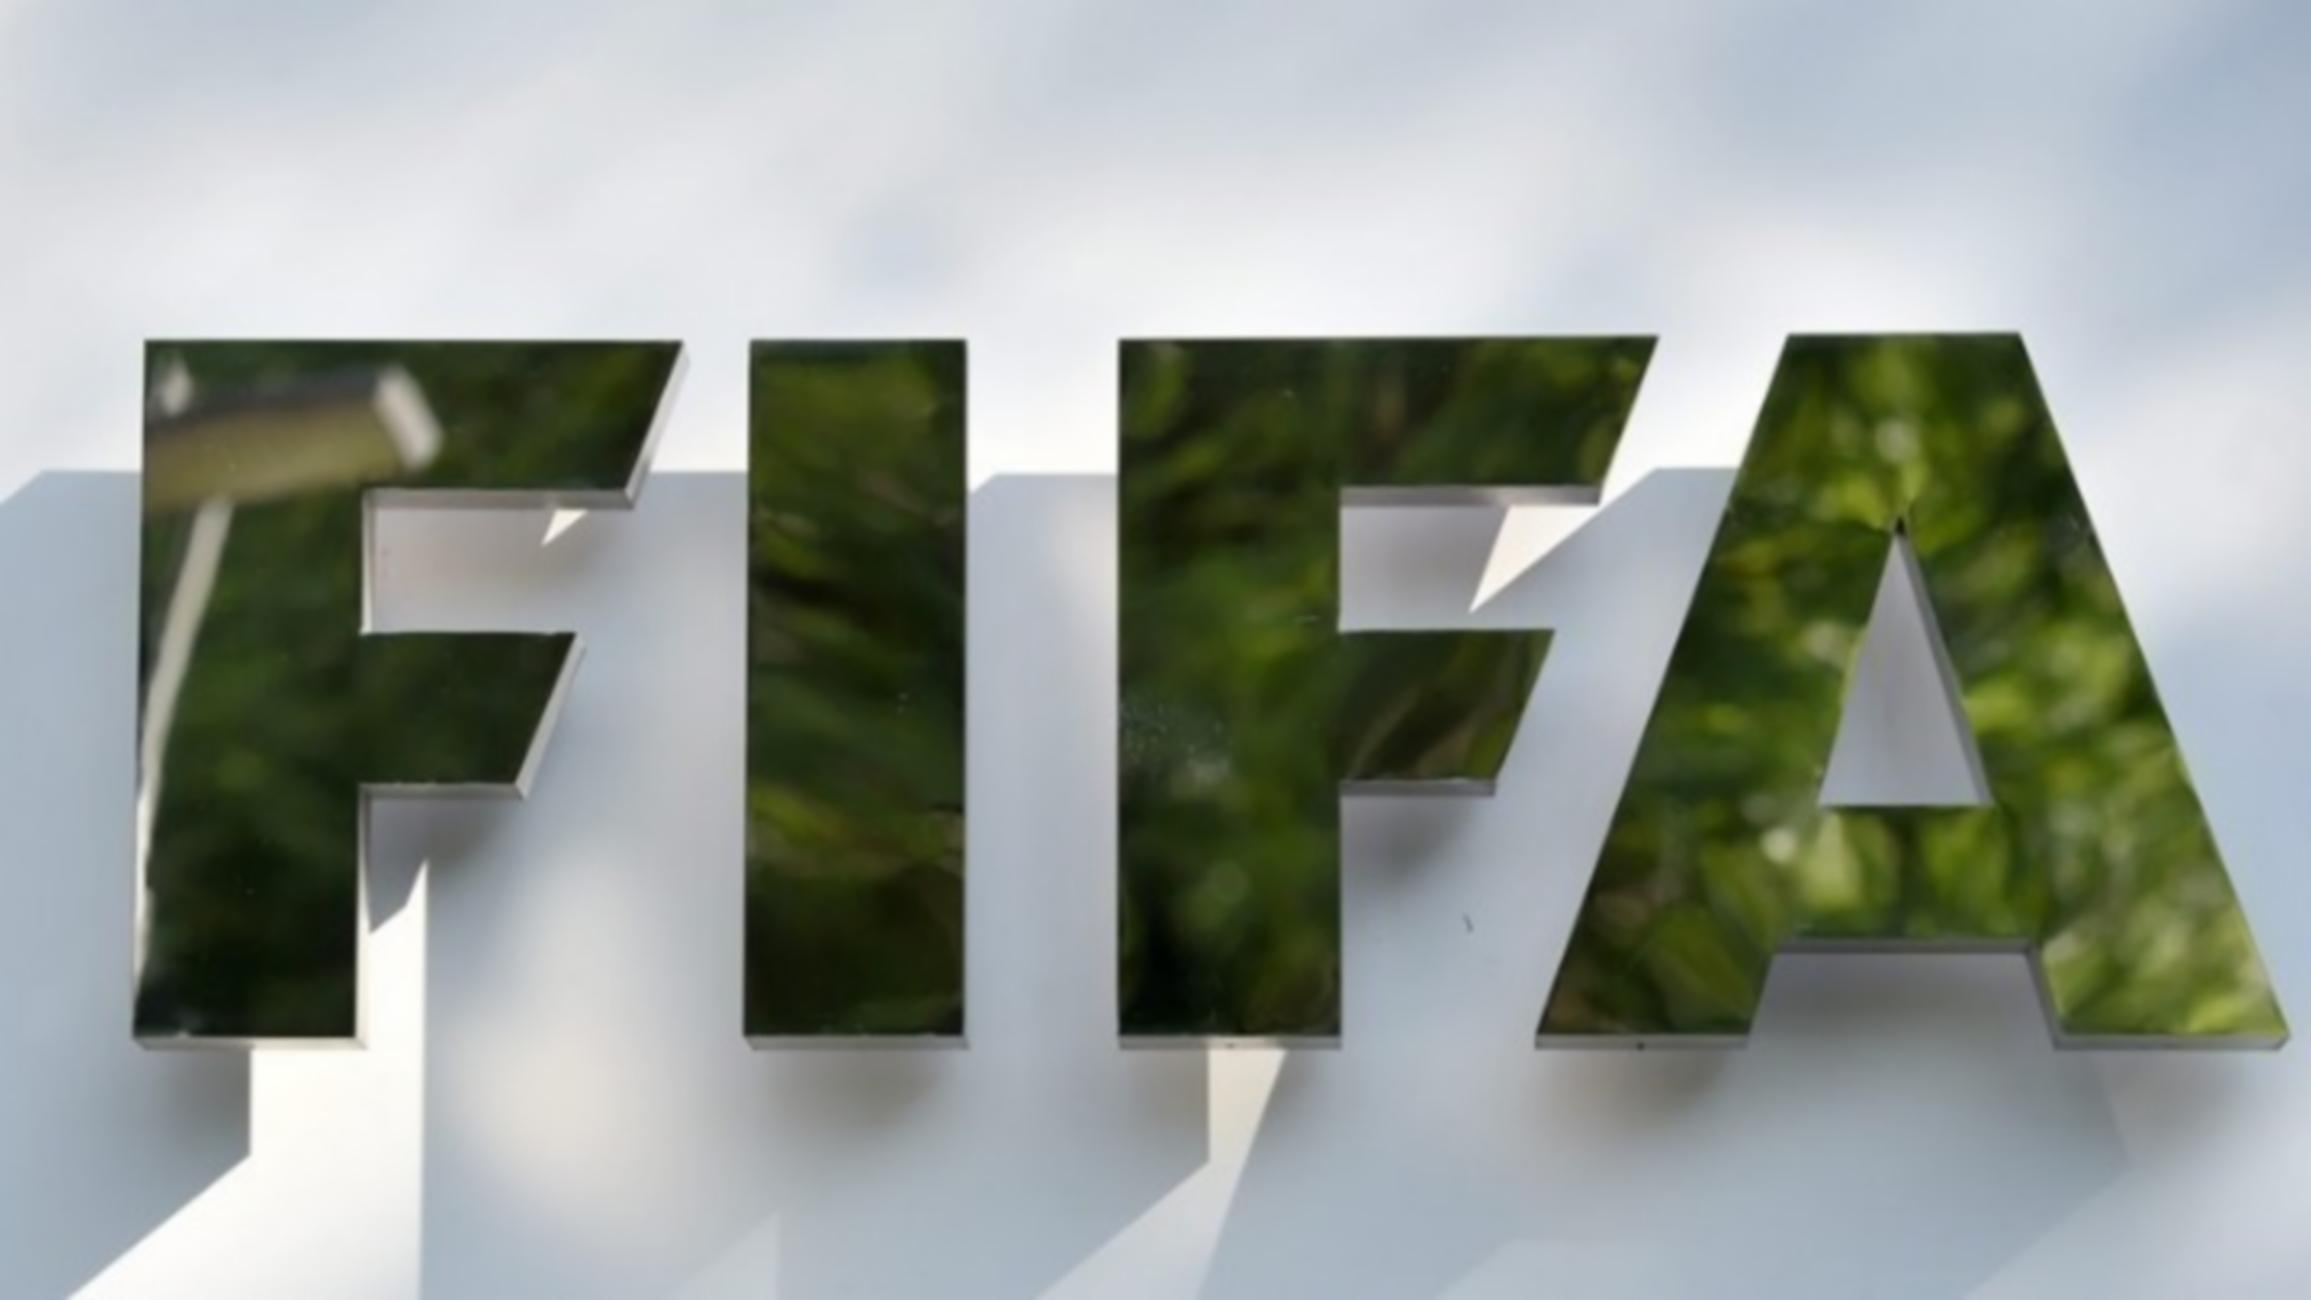 FIFA: Επιβεβαιώνονται για πρώτη φορά δωροδοκίες στελεχών της για τα Μουντιάλ